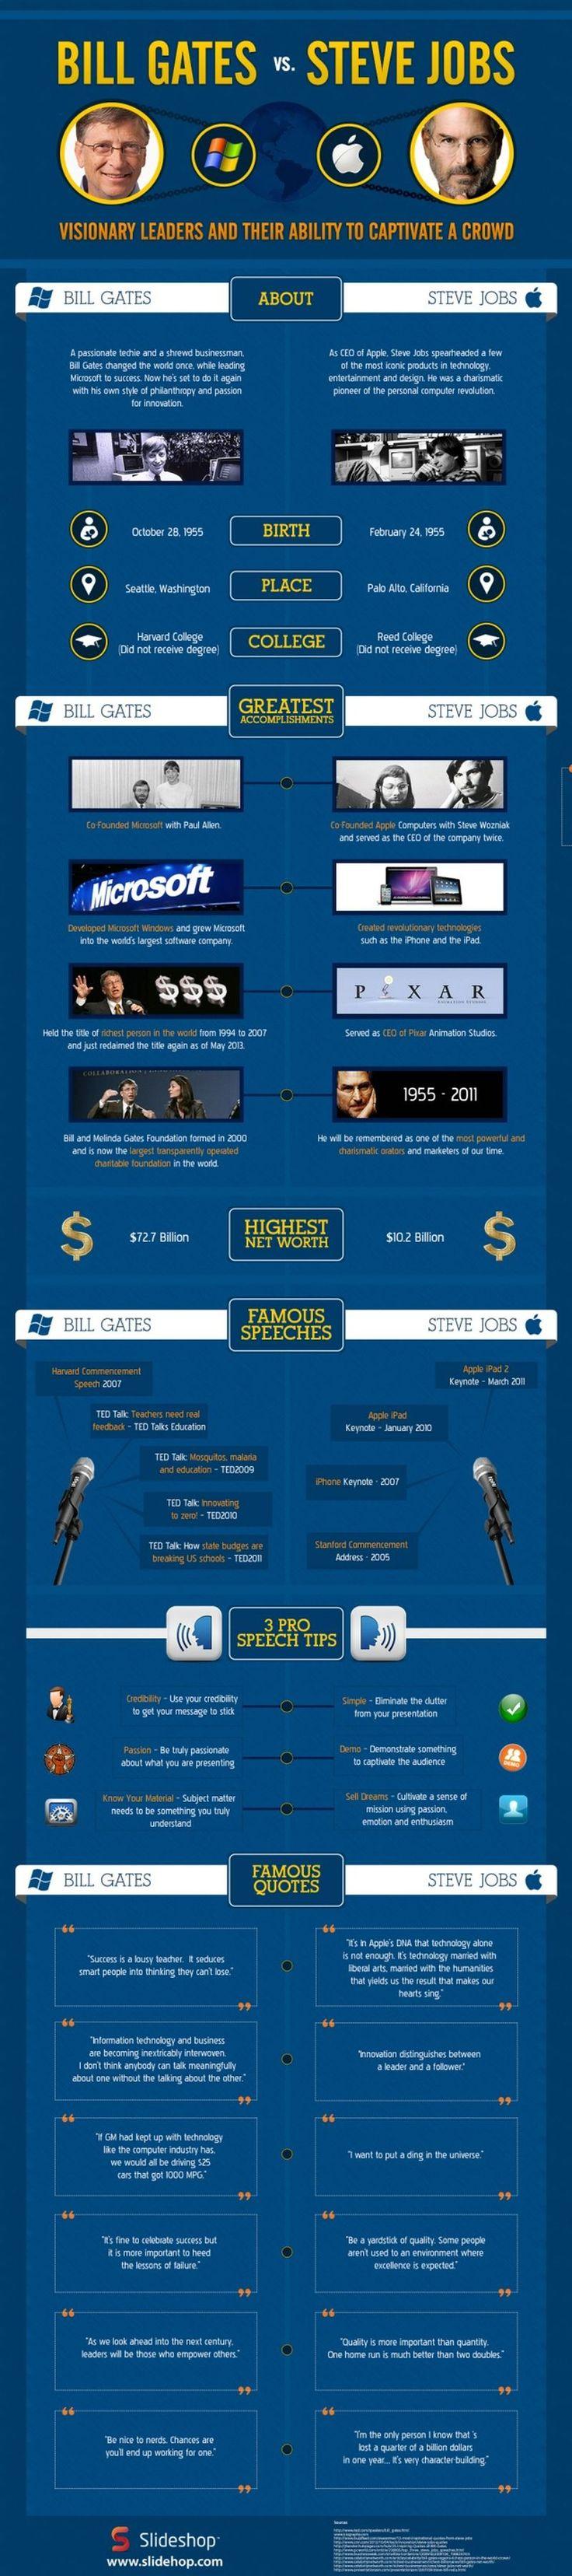 Una infografía comparativa Bill Gates vs. Steve Jobs, para conocer más a fondo las vidas de estos dos líderes visionarios adelantados a su tiempo.